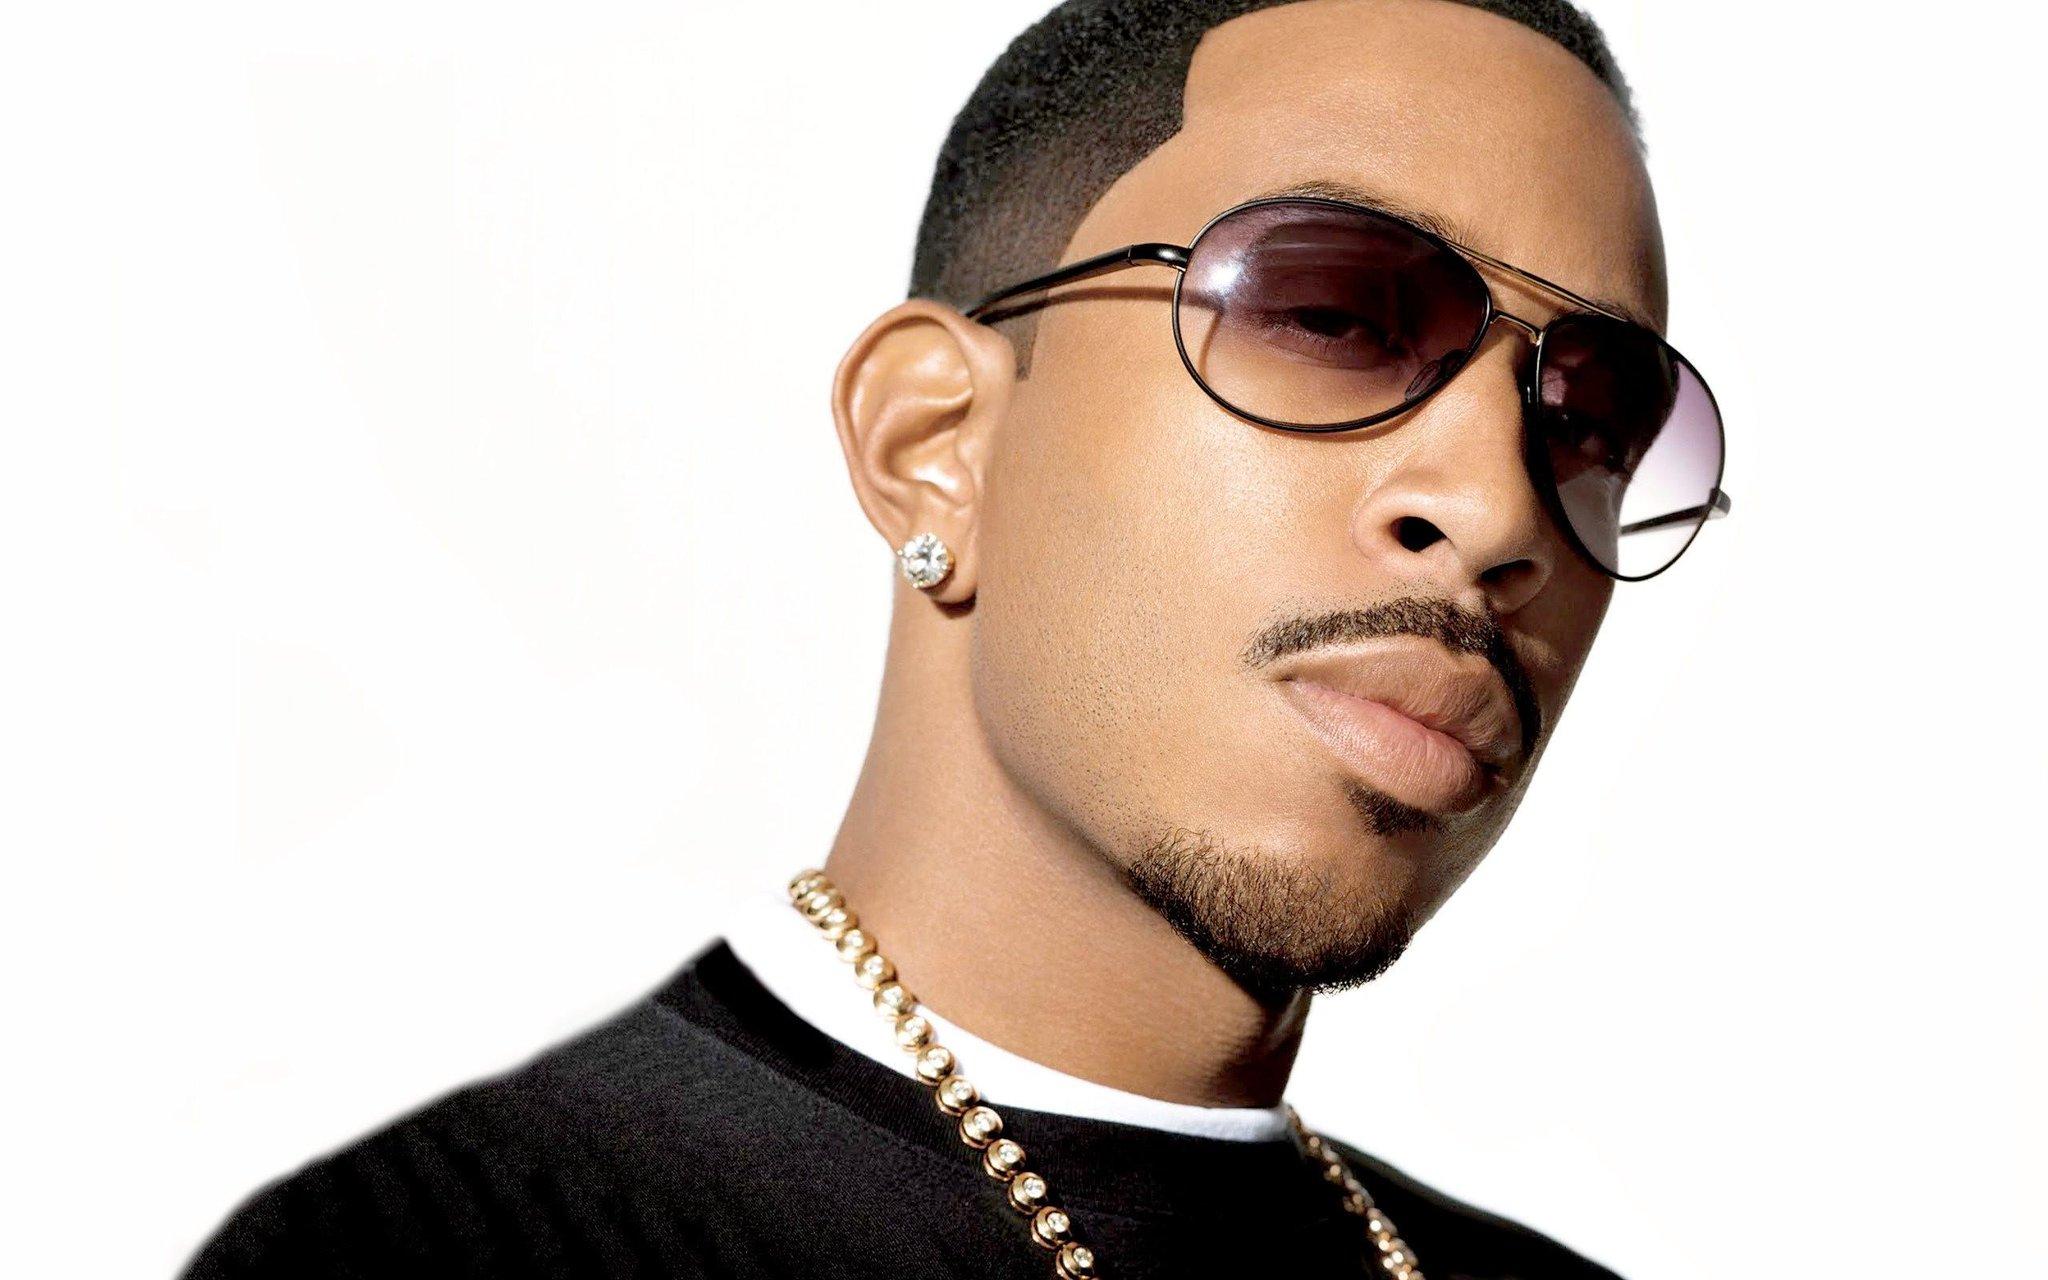 Happy birthday to Ludacris one of my favorites